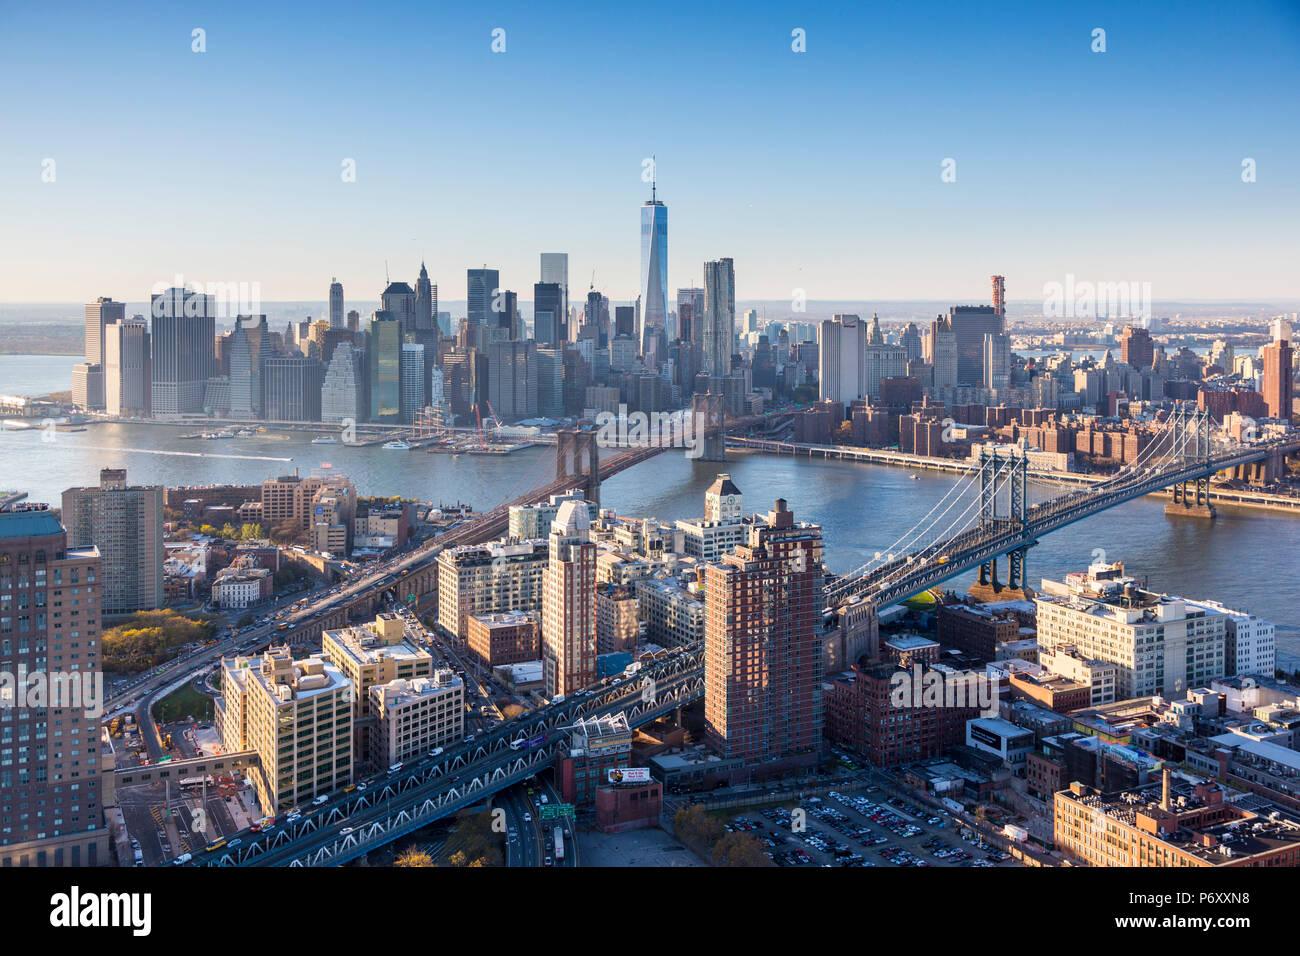 Il centro di Manhattan e Brooklyn, New York City, Stati Uniti d'America Immagini Stock